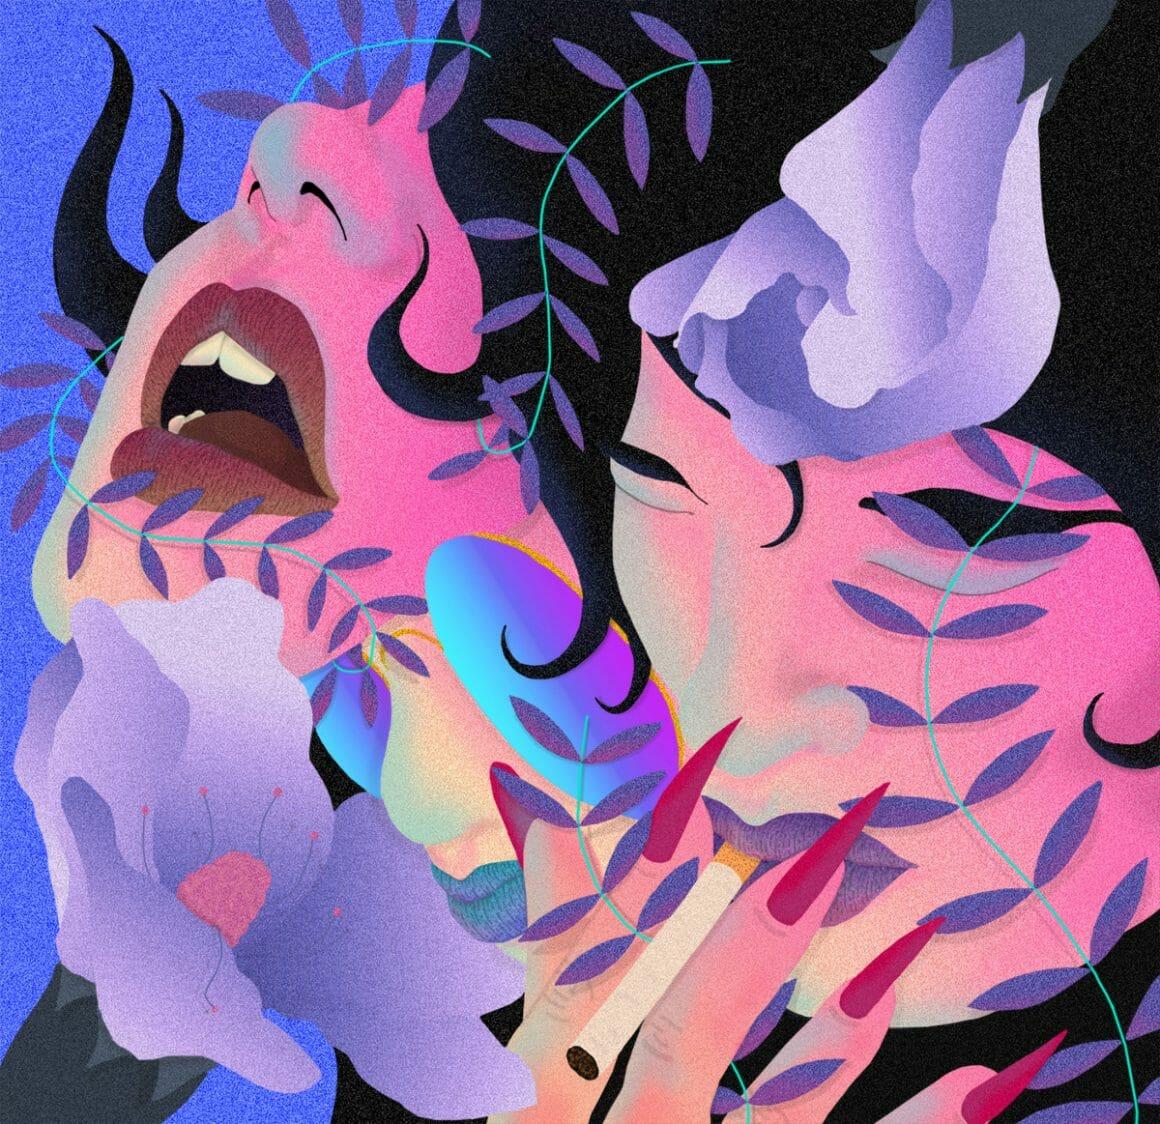 Oeuvre de l'artiste montrant deux femmes dont une semblant crier et l'autre en train de fumer